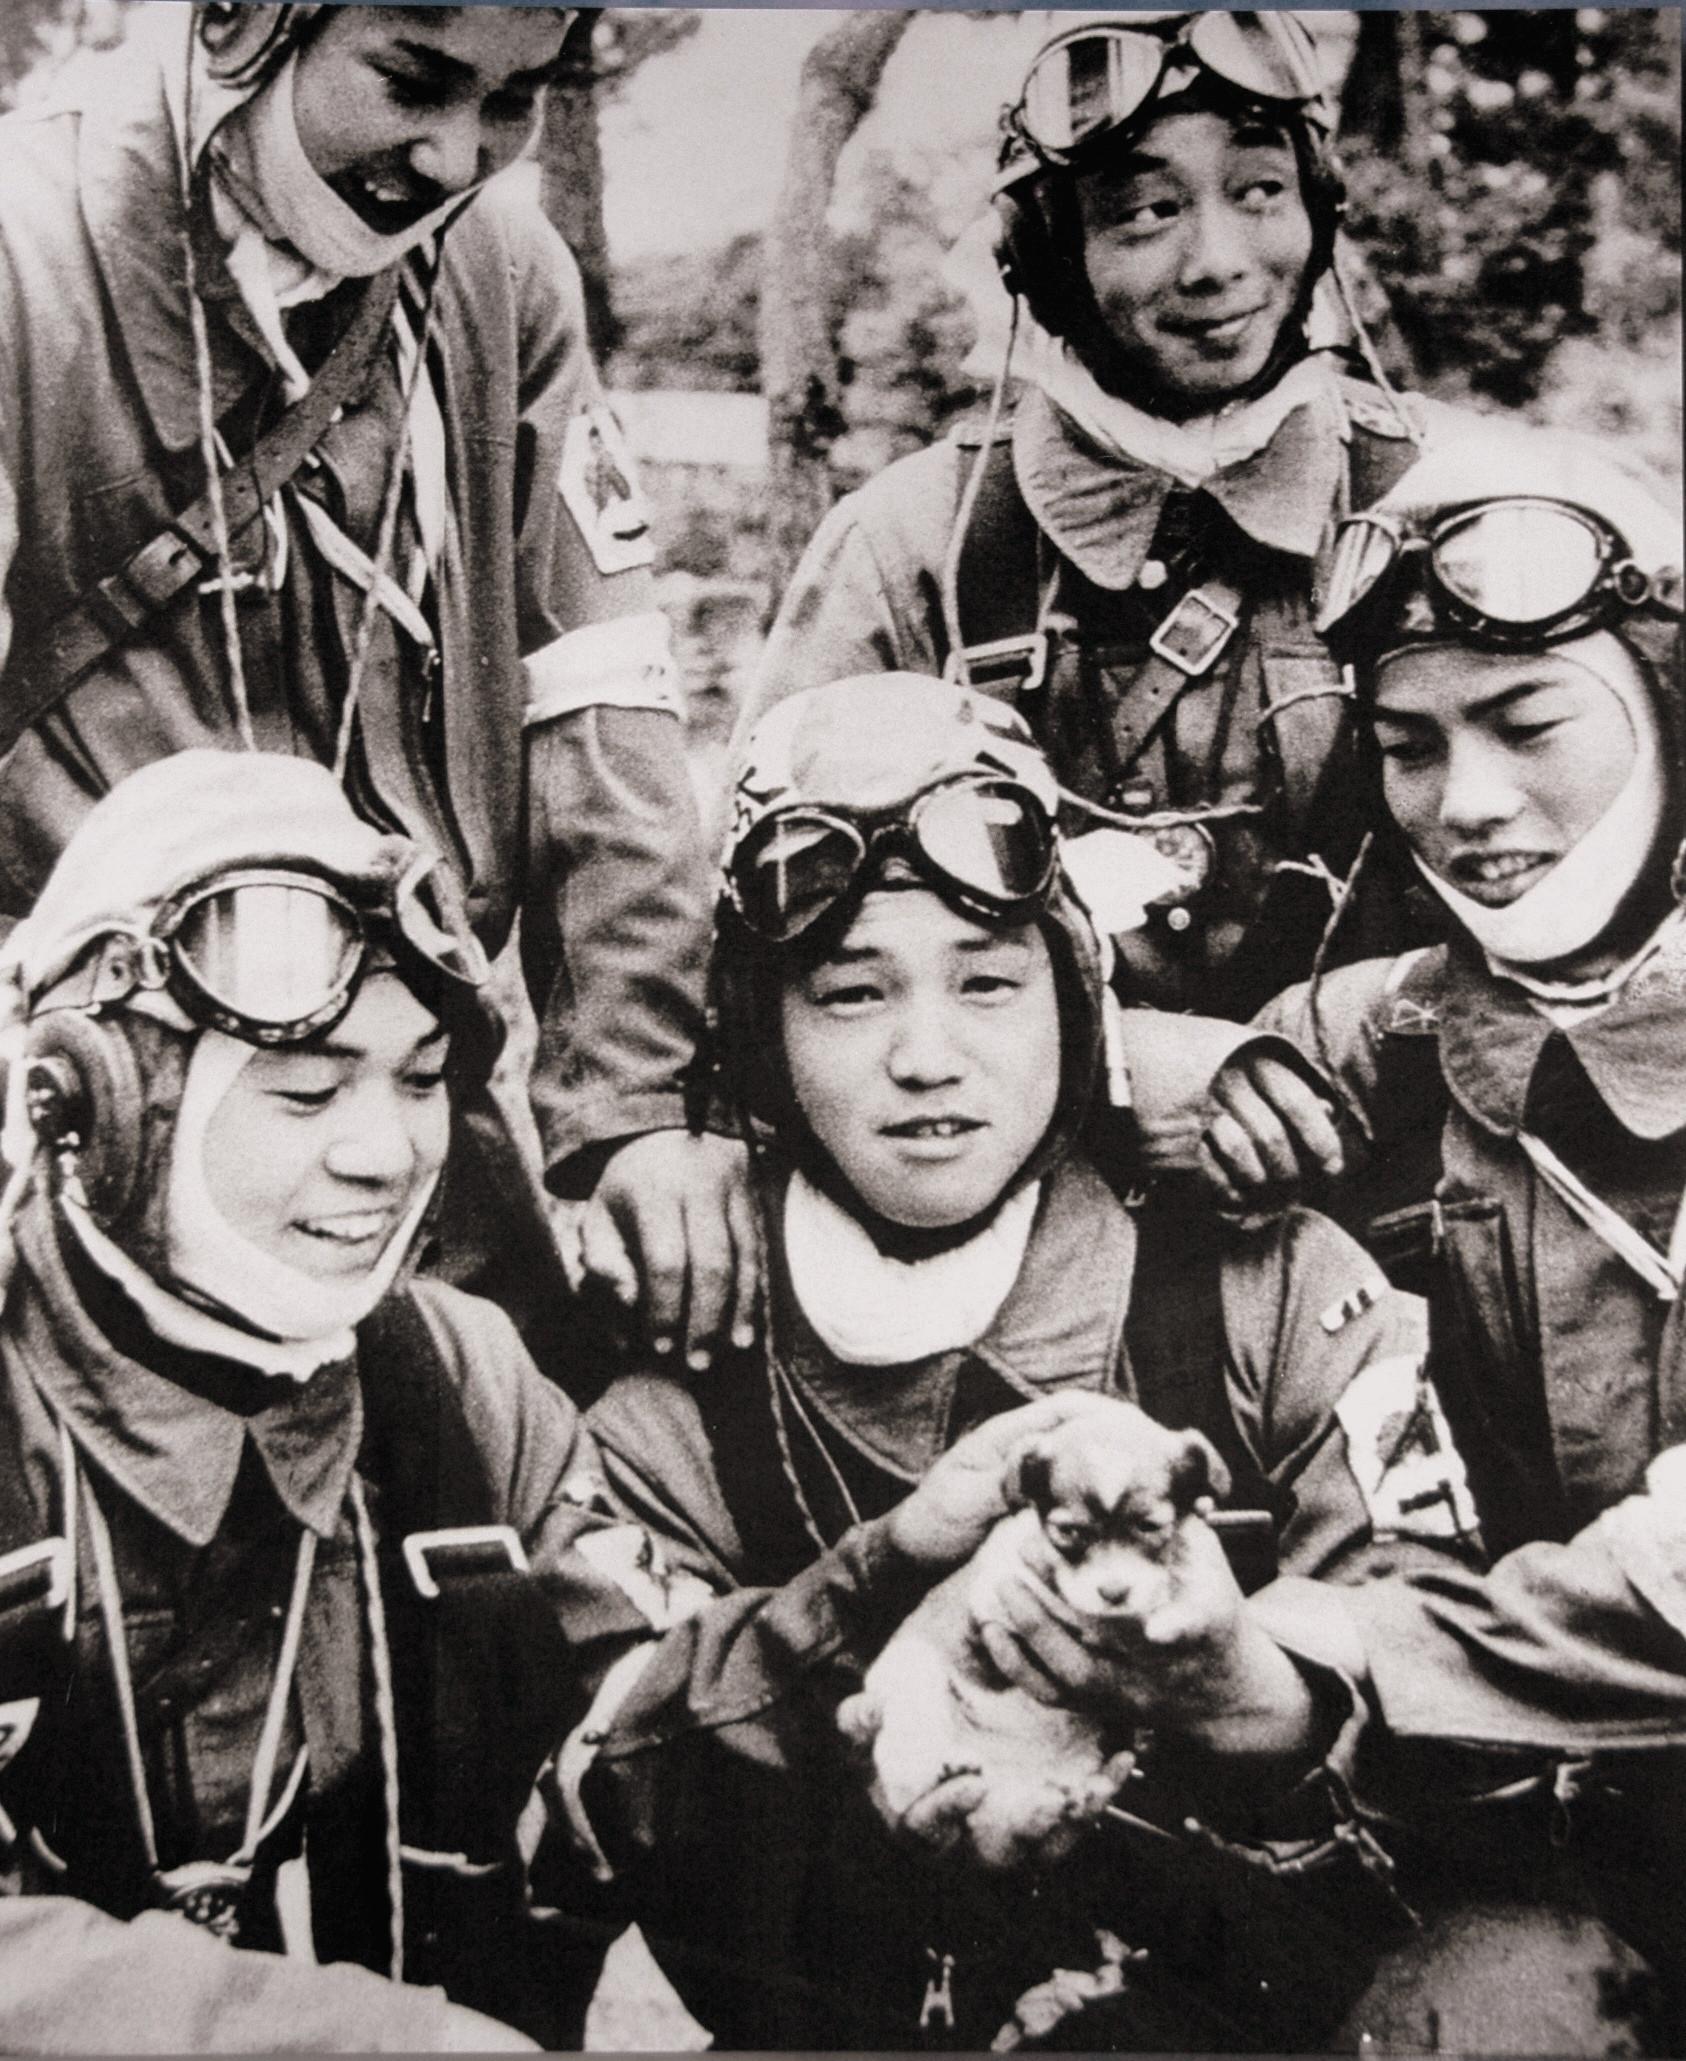 corporal-yukio-araki-holding-a-puppy-with-four-other-pilots-of-the-72nd-shinbu-squadron-at-bansei-kagoshima-1945